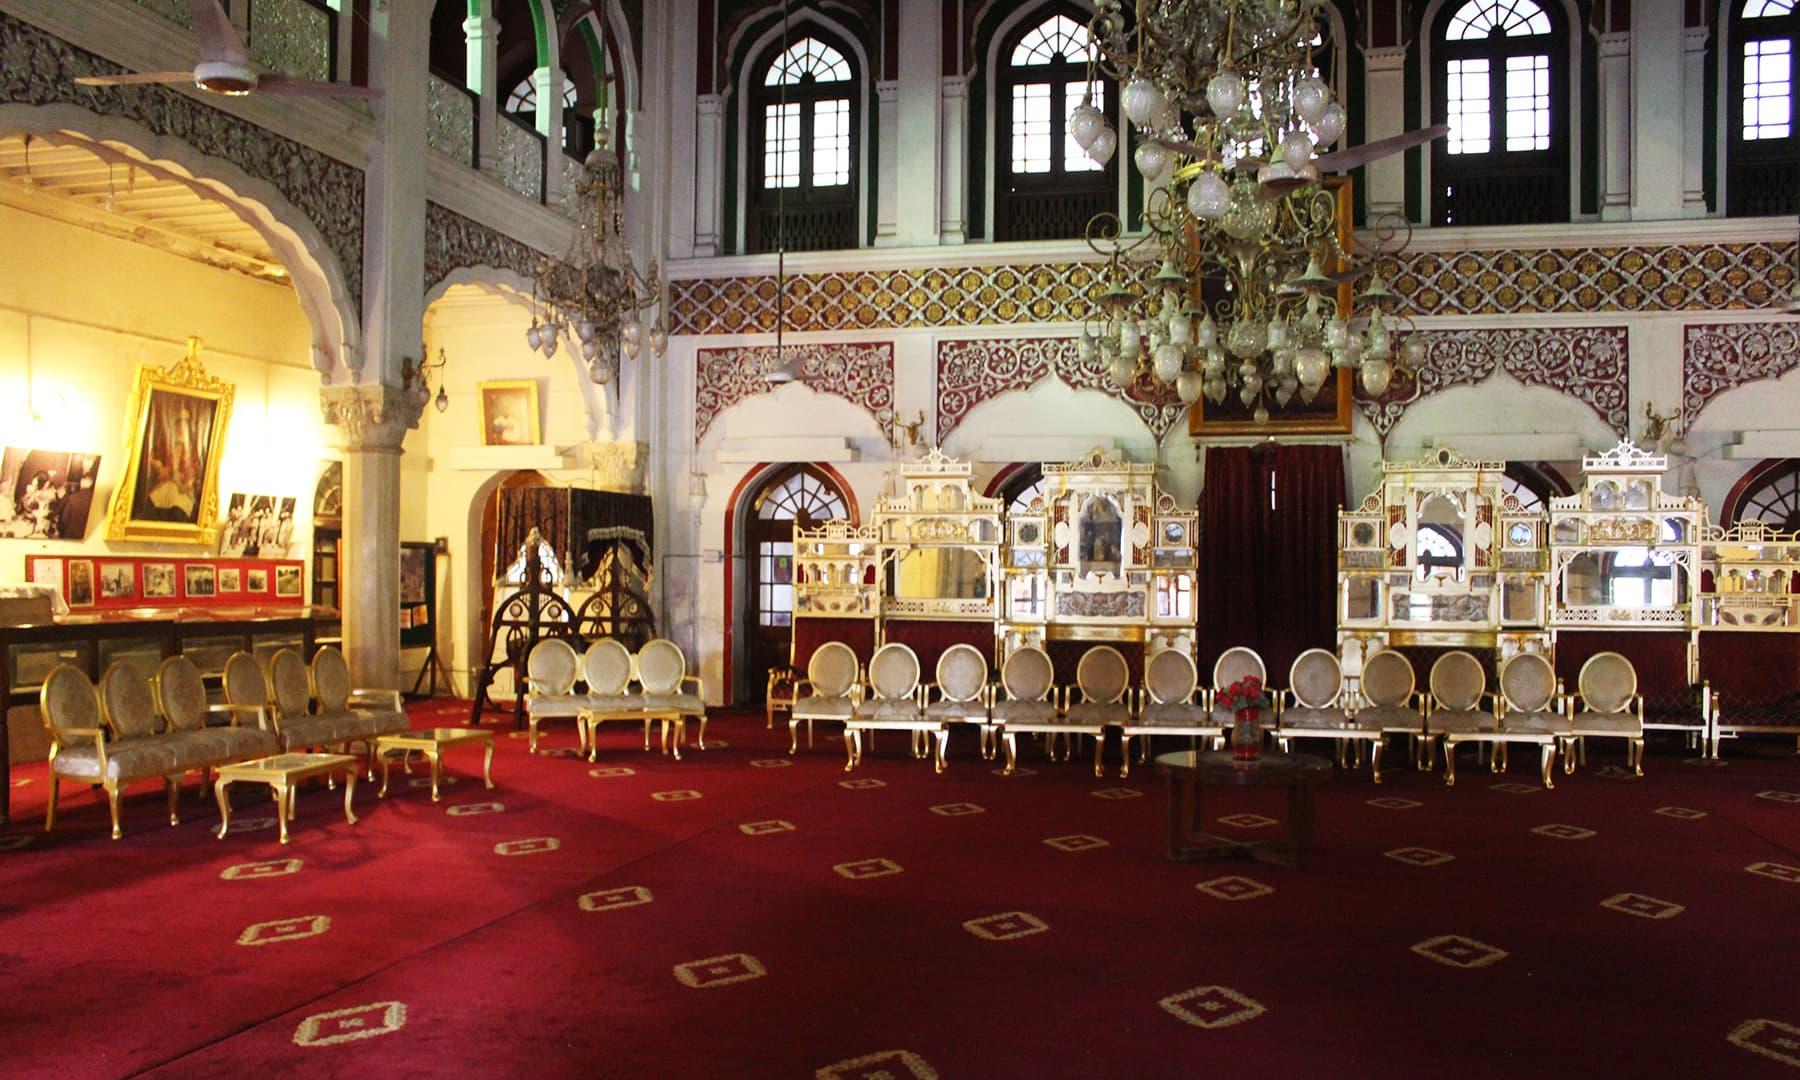 محل کے مرکزی دروازے سے داخل ہوتے ہی ایک بڑا سا ہال نظر آتا ہے—تصویر اختر حفیظ